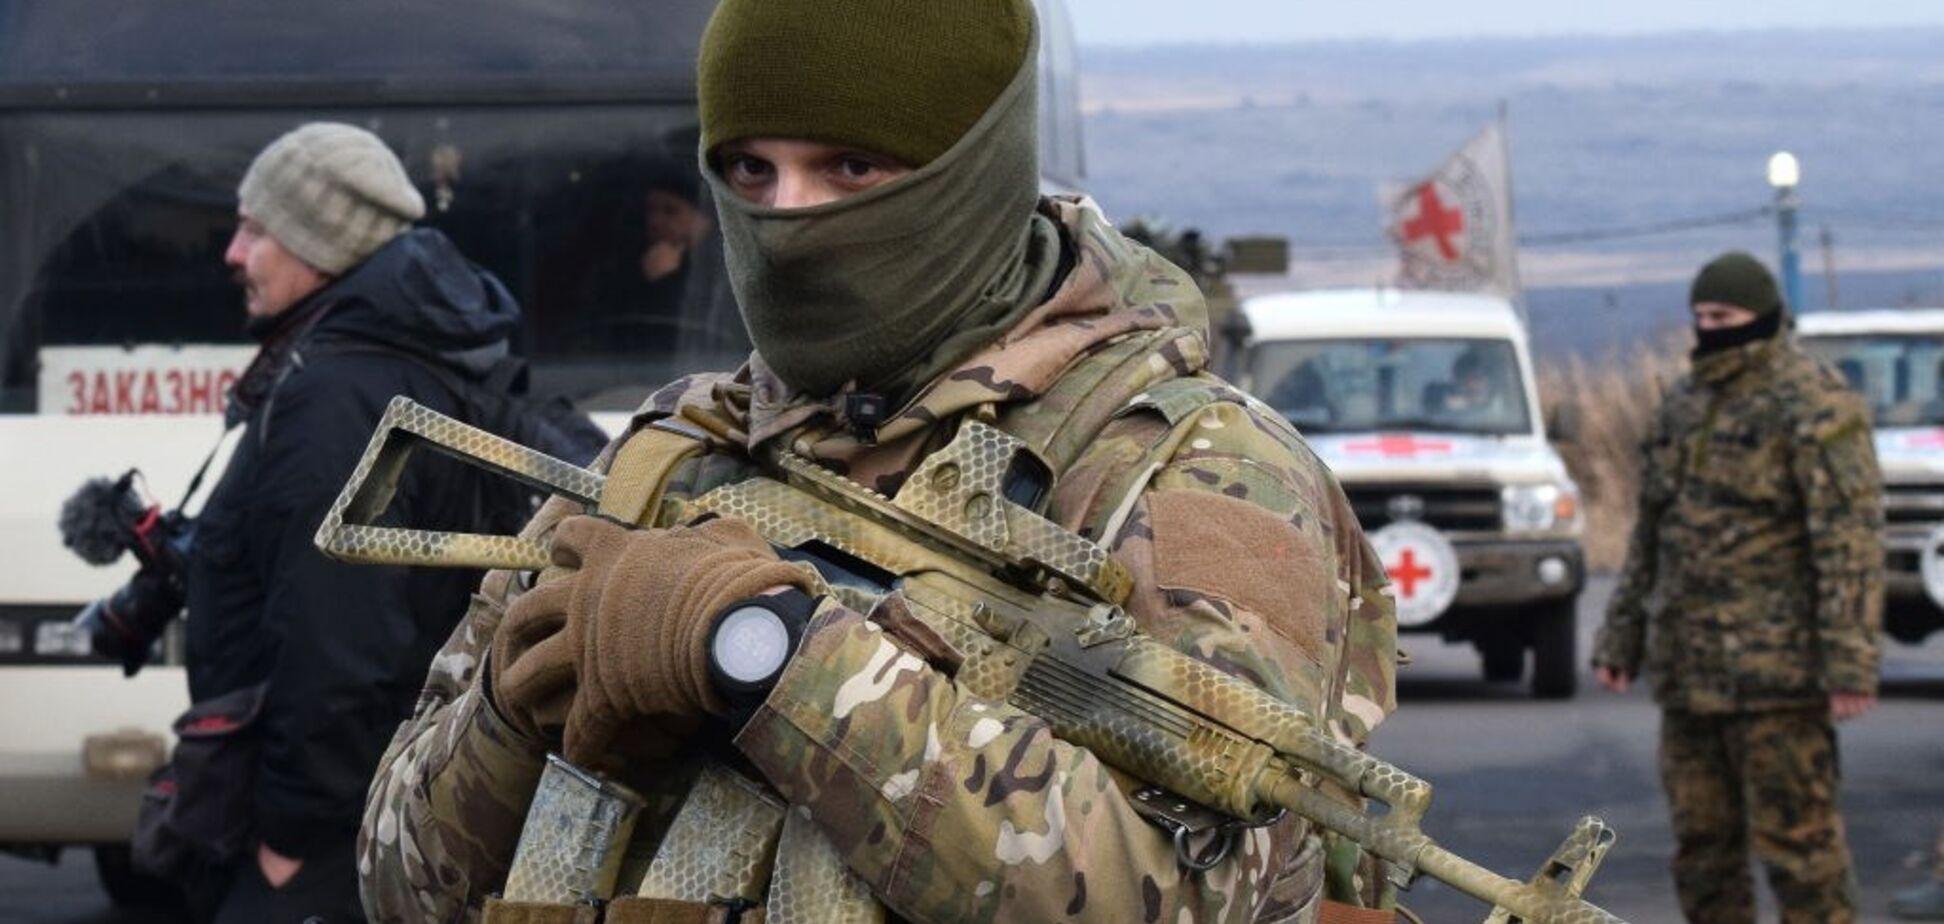 'Розстріляй двох товаришів!' Український танкіст розповів про страшну пропозицію терористів